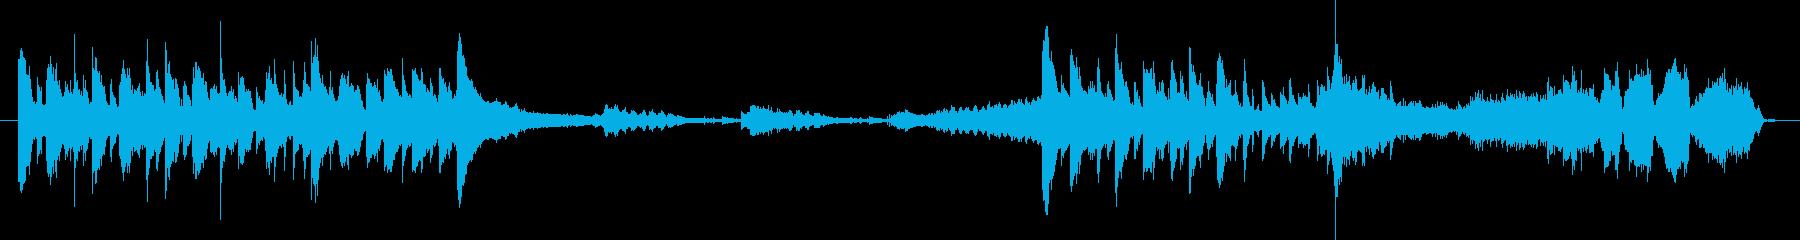 気まぐれな「ジェームズボンド」の状...の再生済みの波形